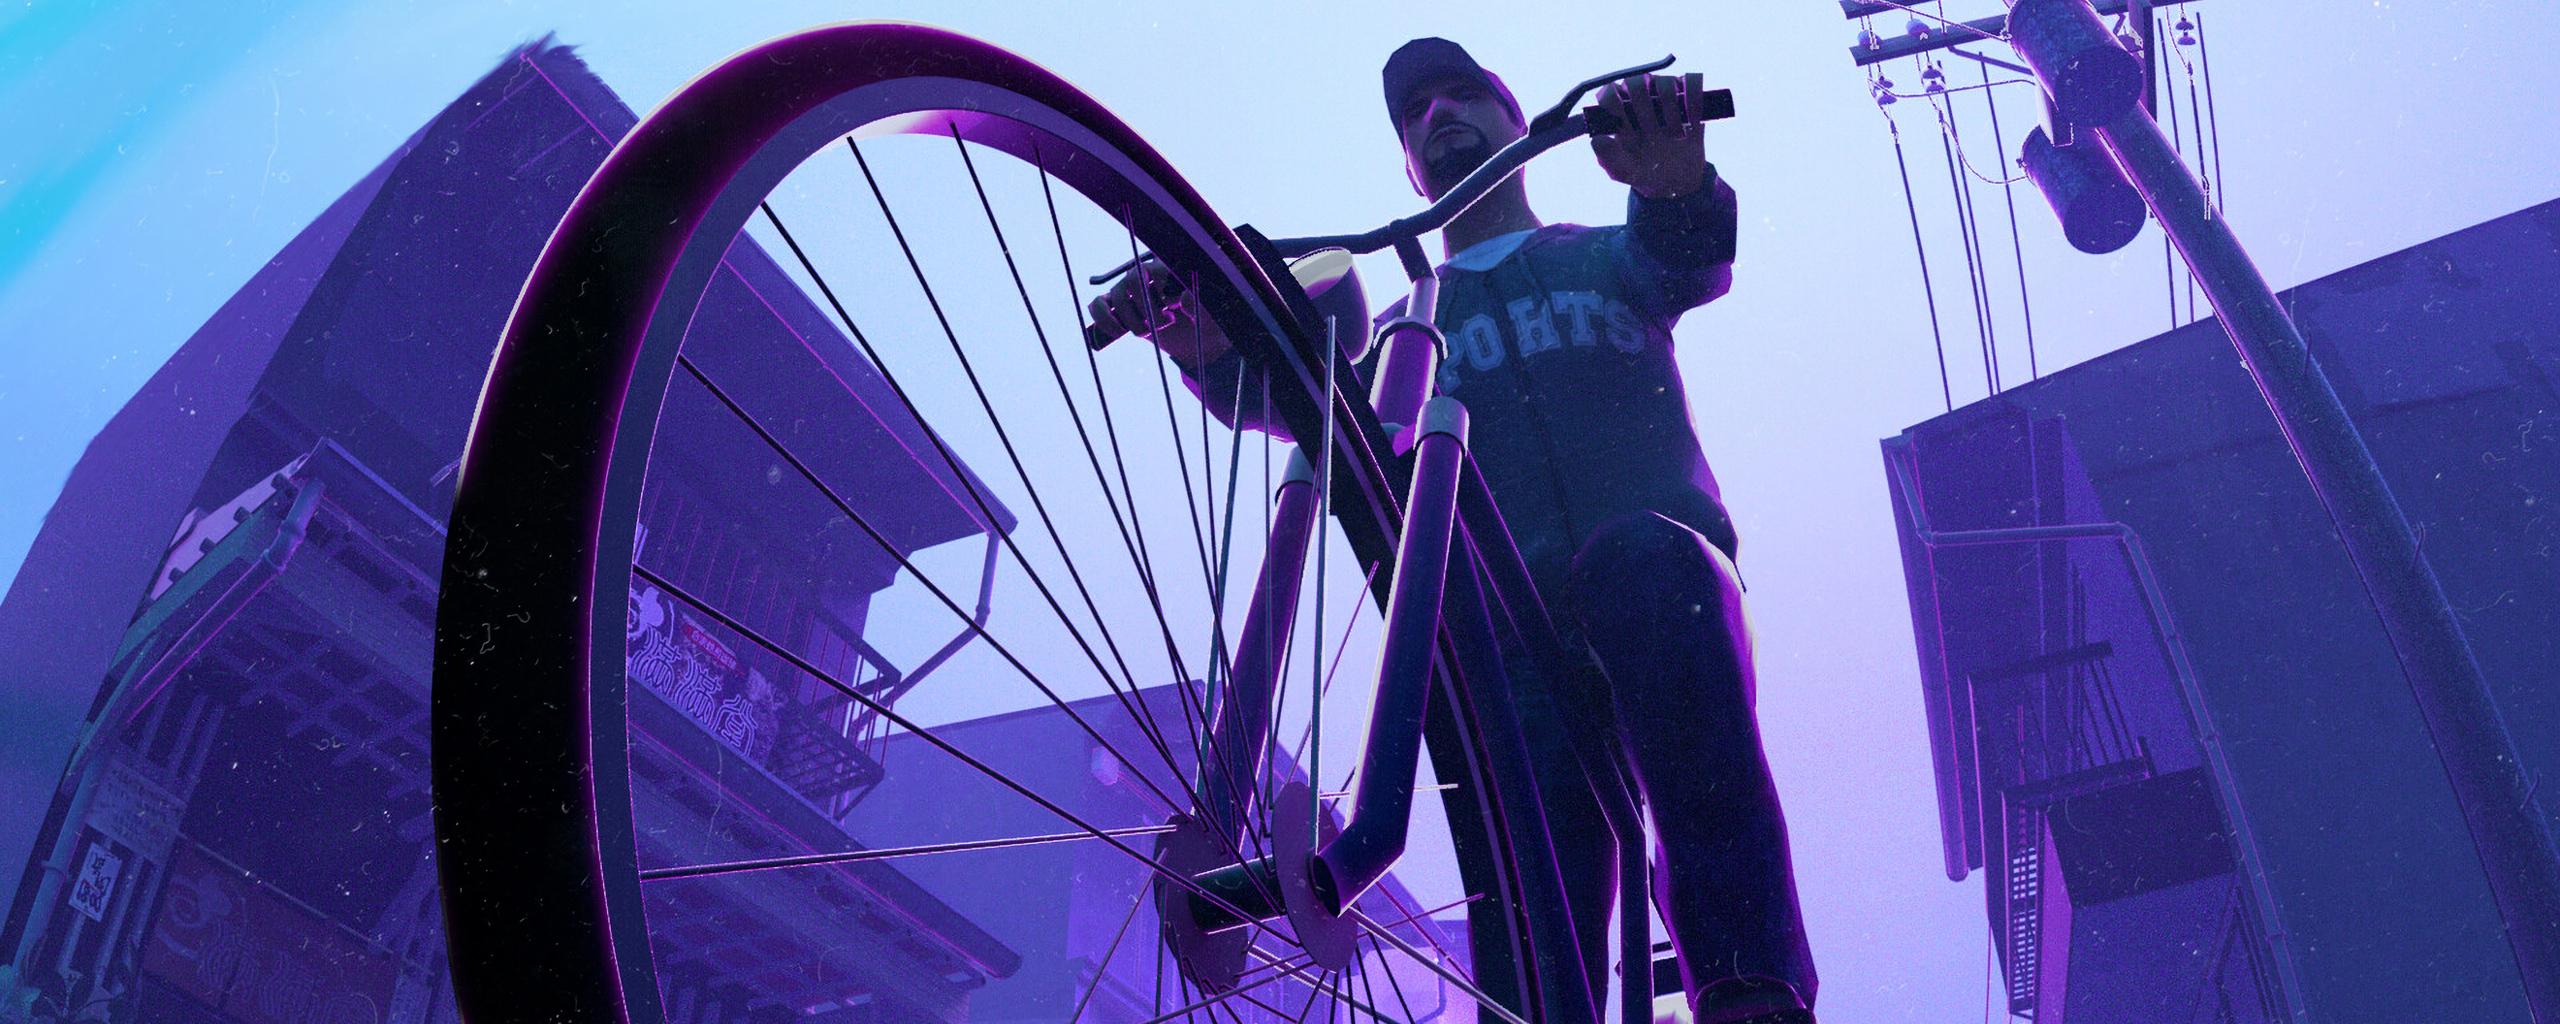 bicycle-ride-4k-1s.jpg